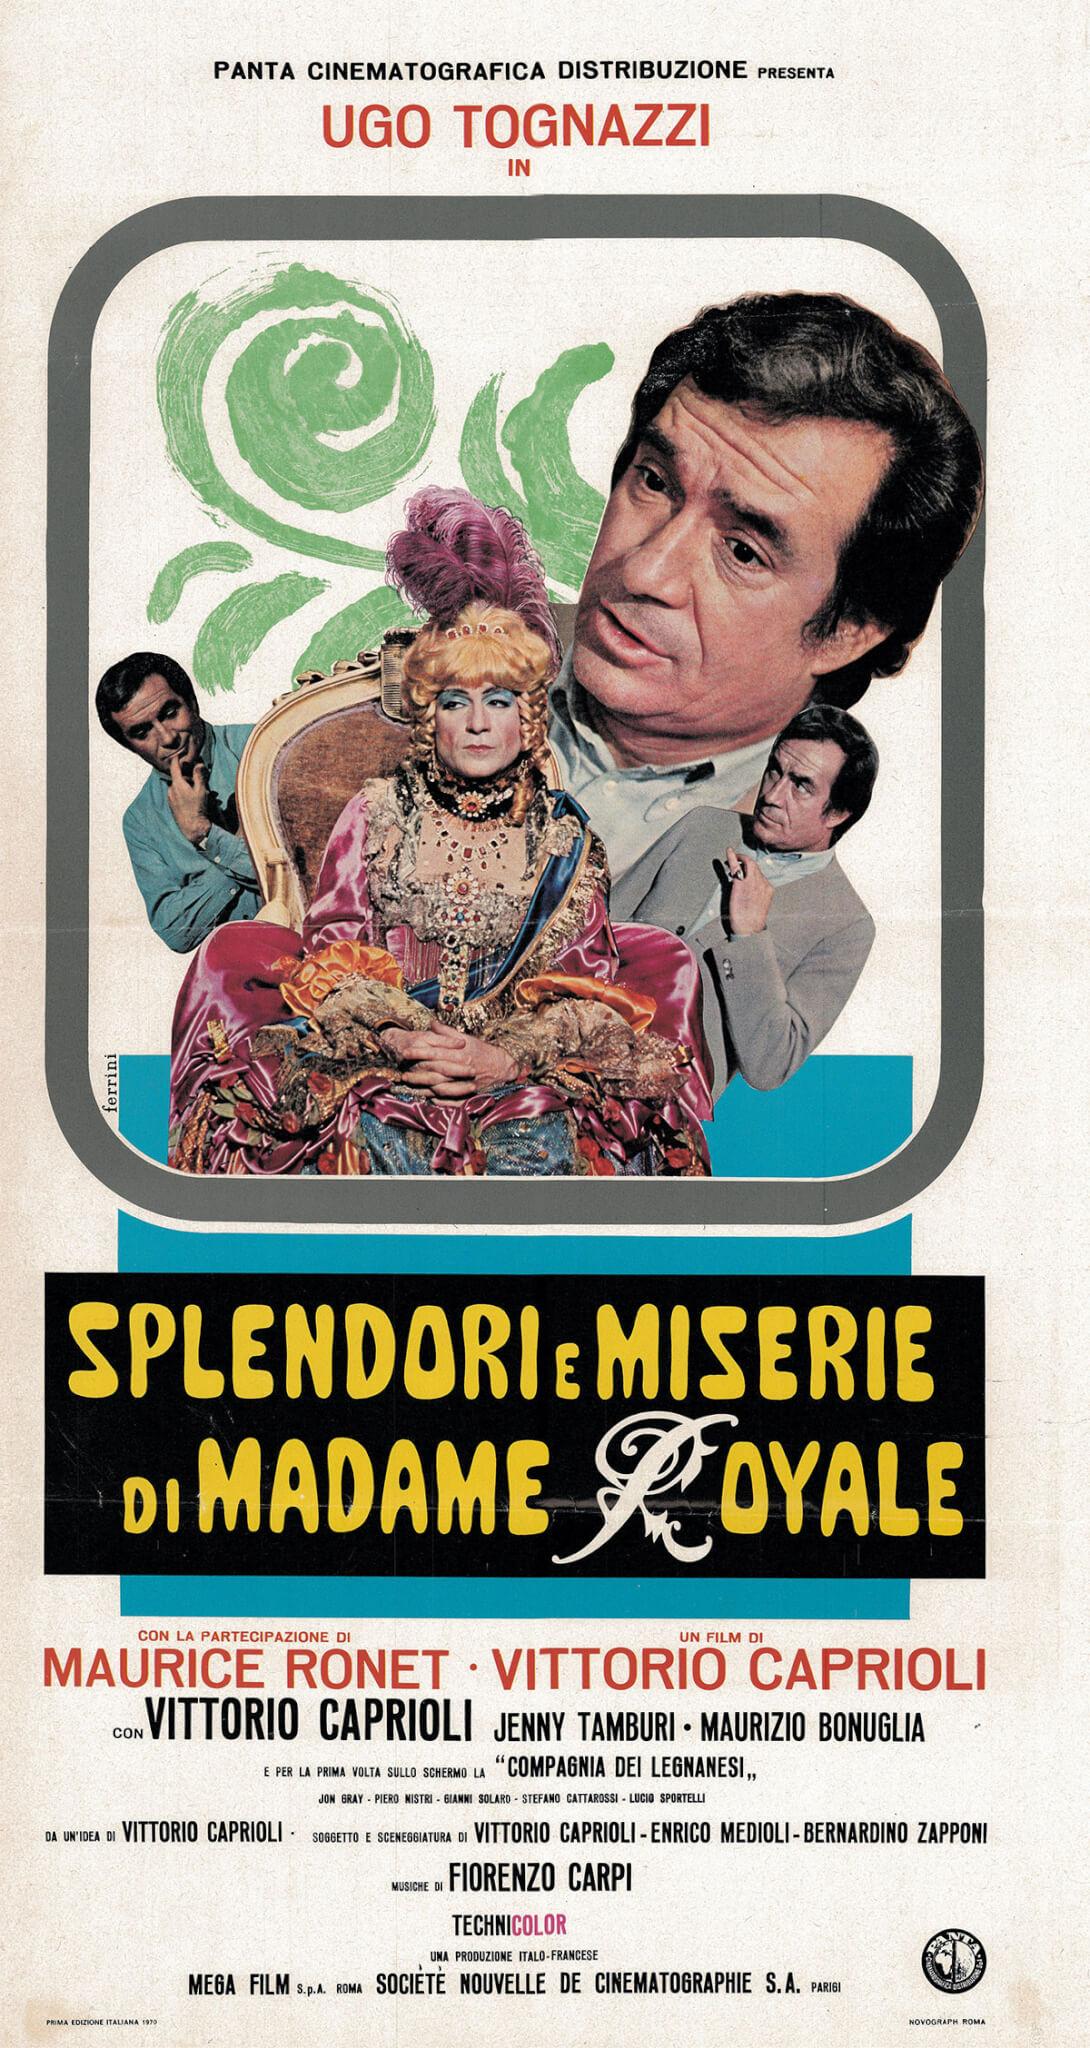 Splendori e miserie di Madame Royale, esce il libro che celebra il primo film italiano con protagonista gay (Splendori e miserie di Madame Royale)